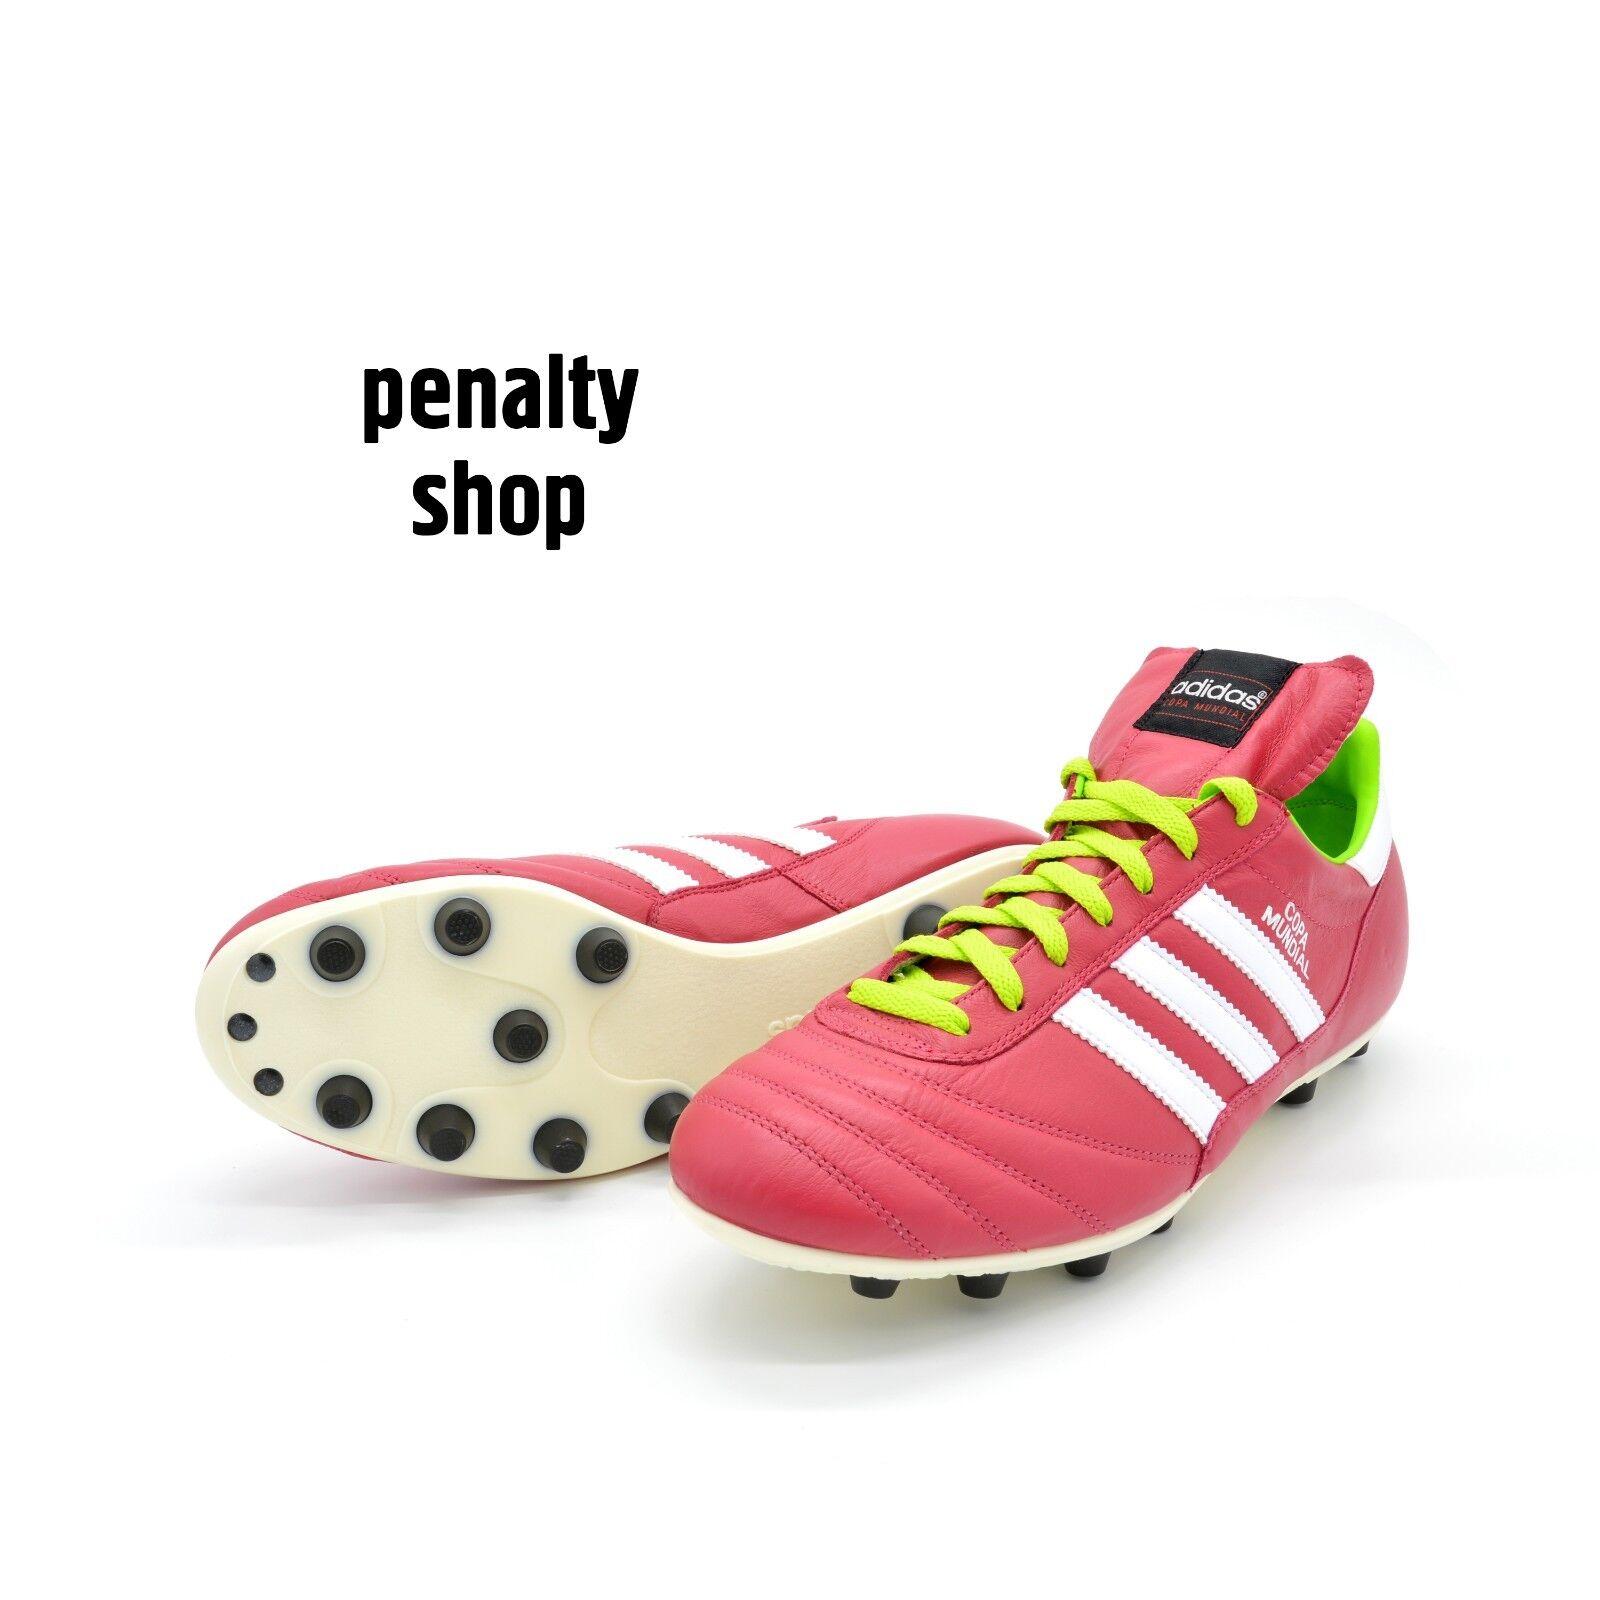 Adidas Copa Mundial Samba M22353 fatto In Geruomoy RARE Limited edizione